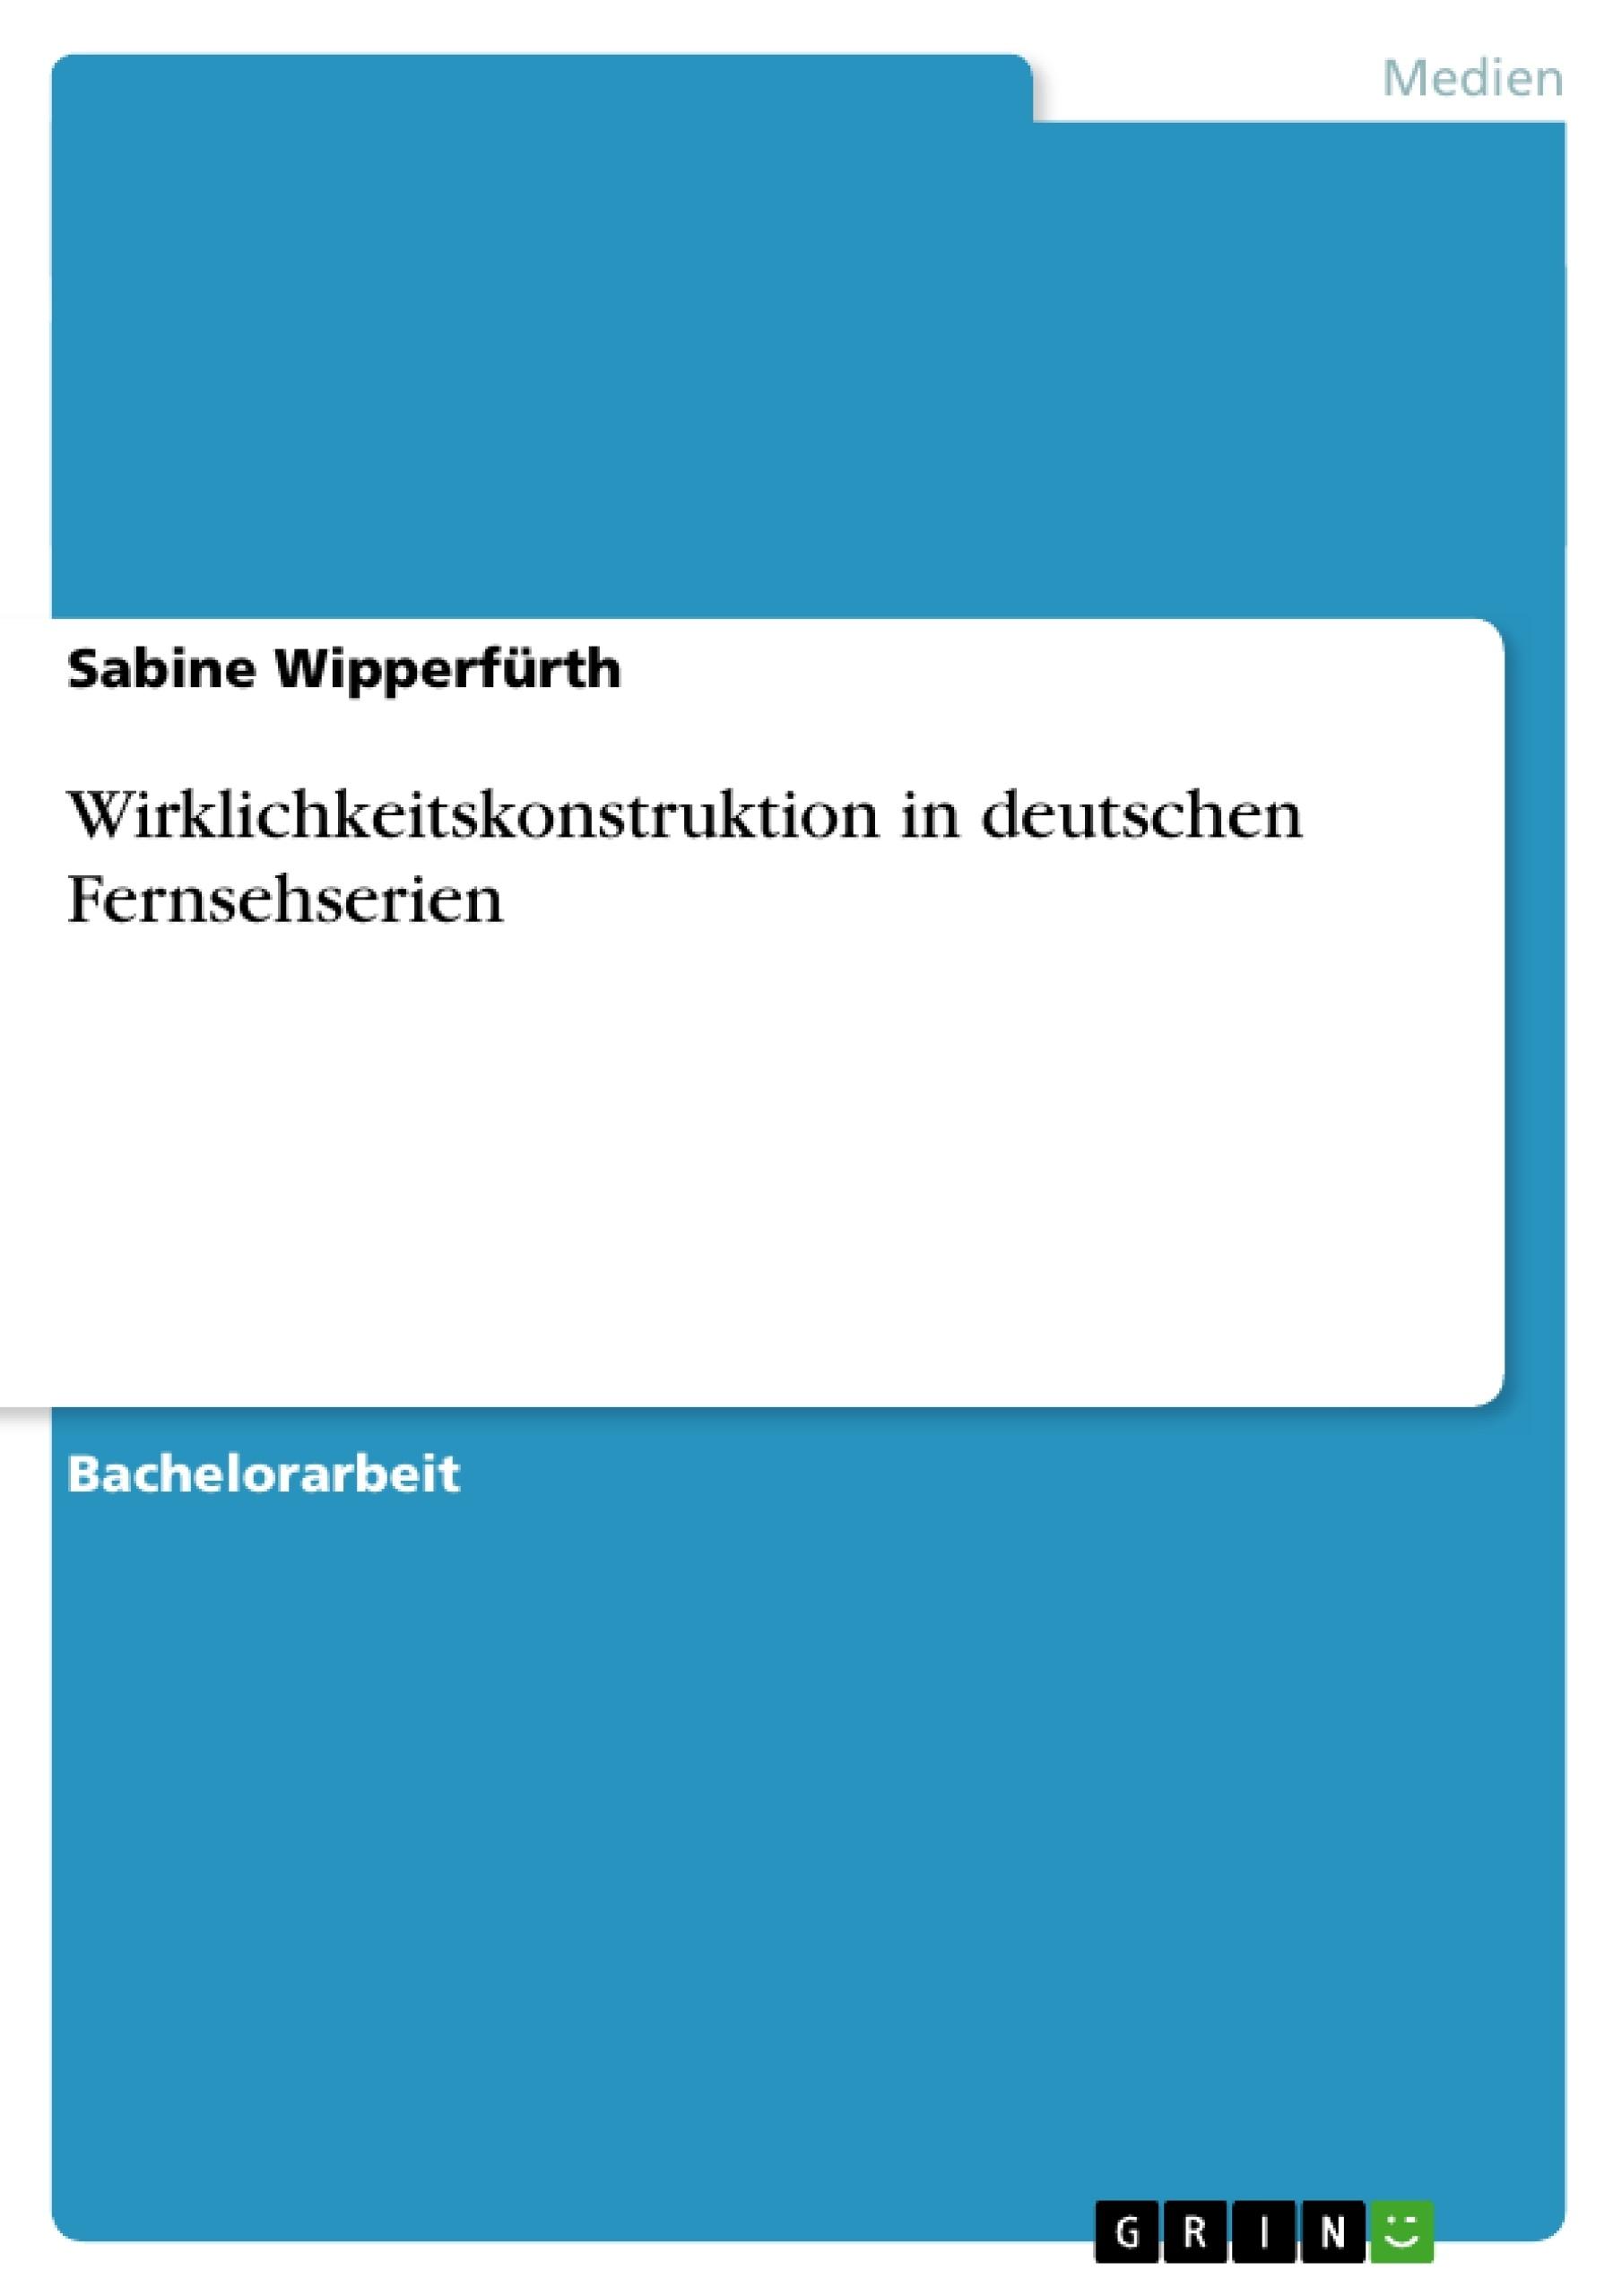 Titel: Wirklichkeitskonstruktion in deutschen Fernsehserien